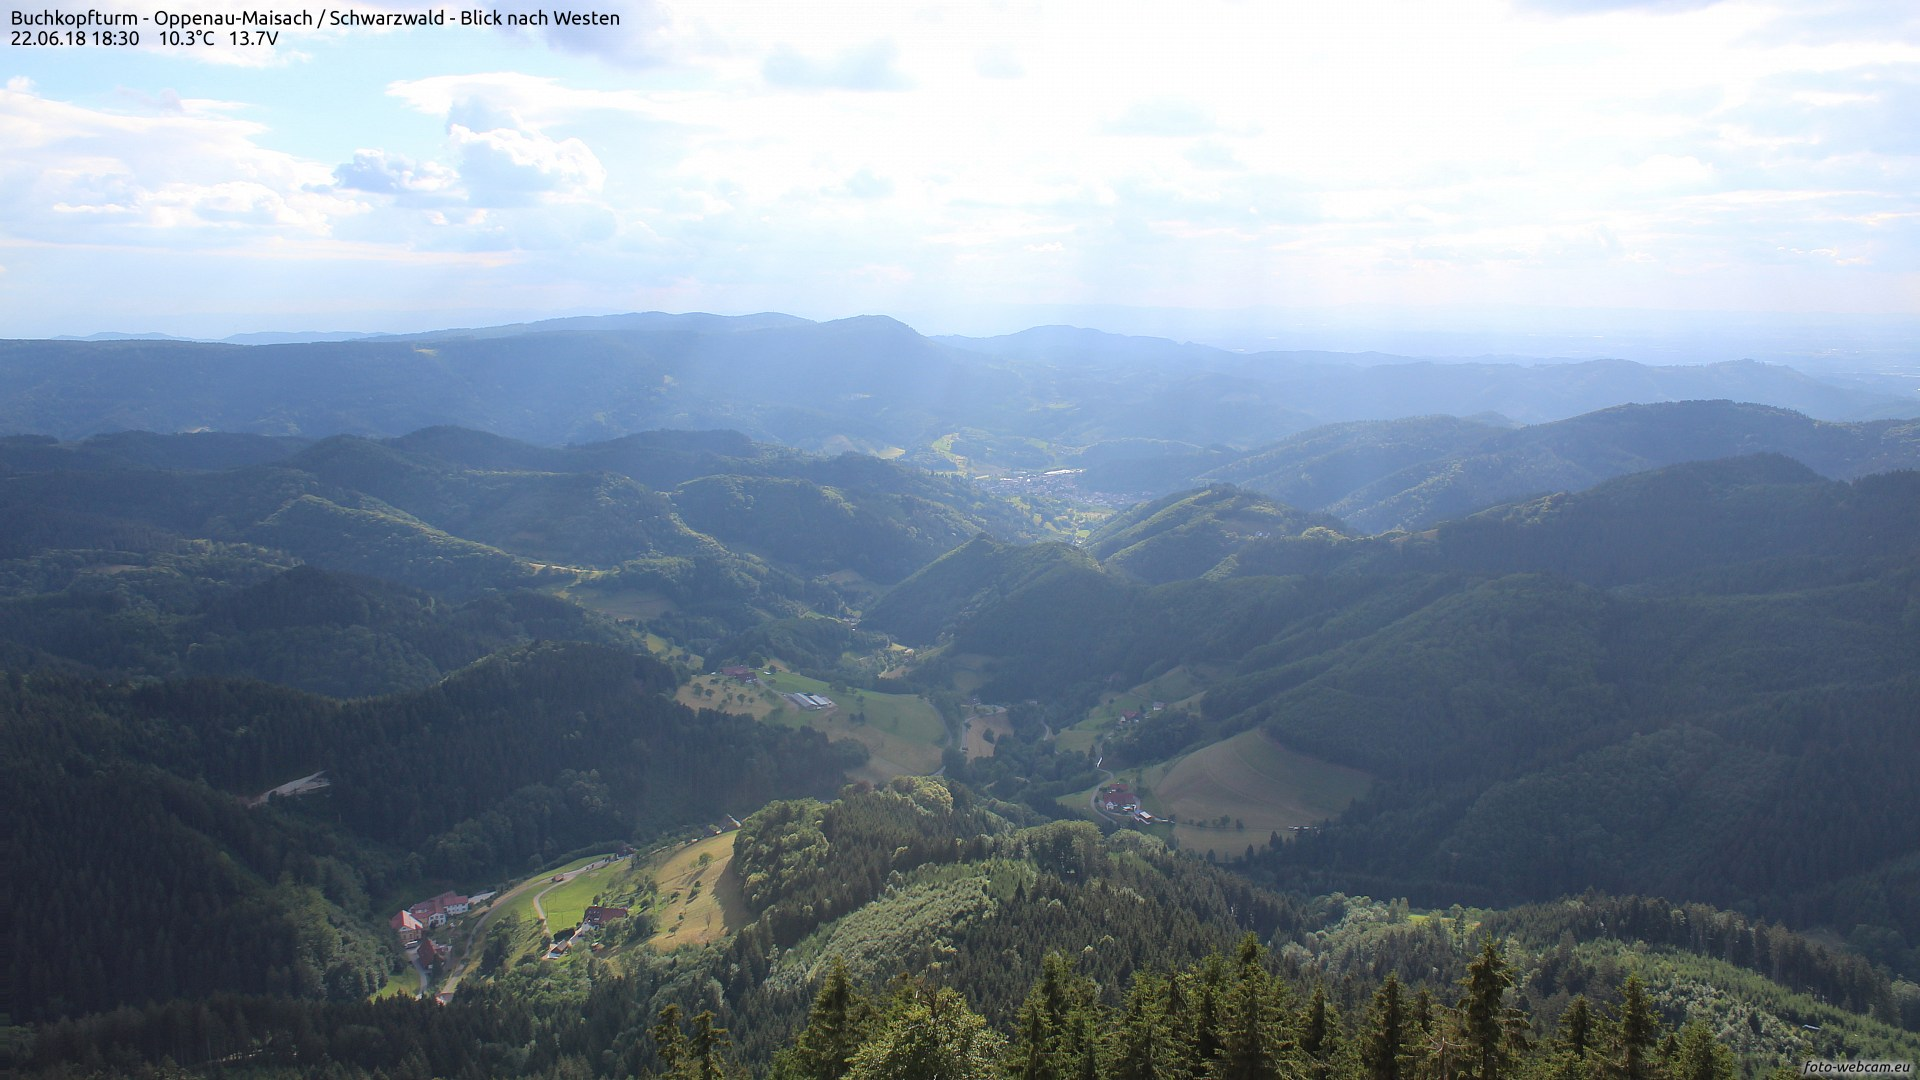 Aufnahme: Buchkopfturm vom 22.06.2018 18:30